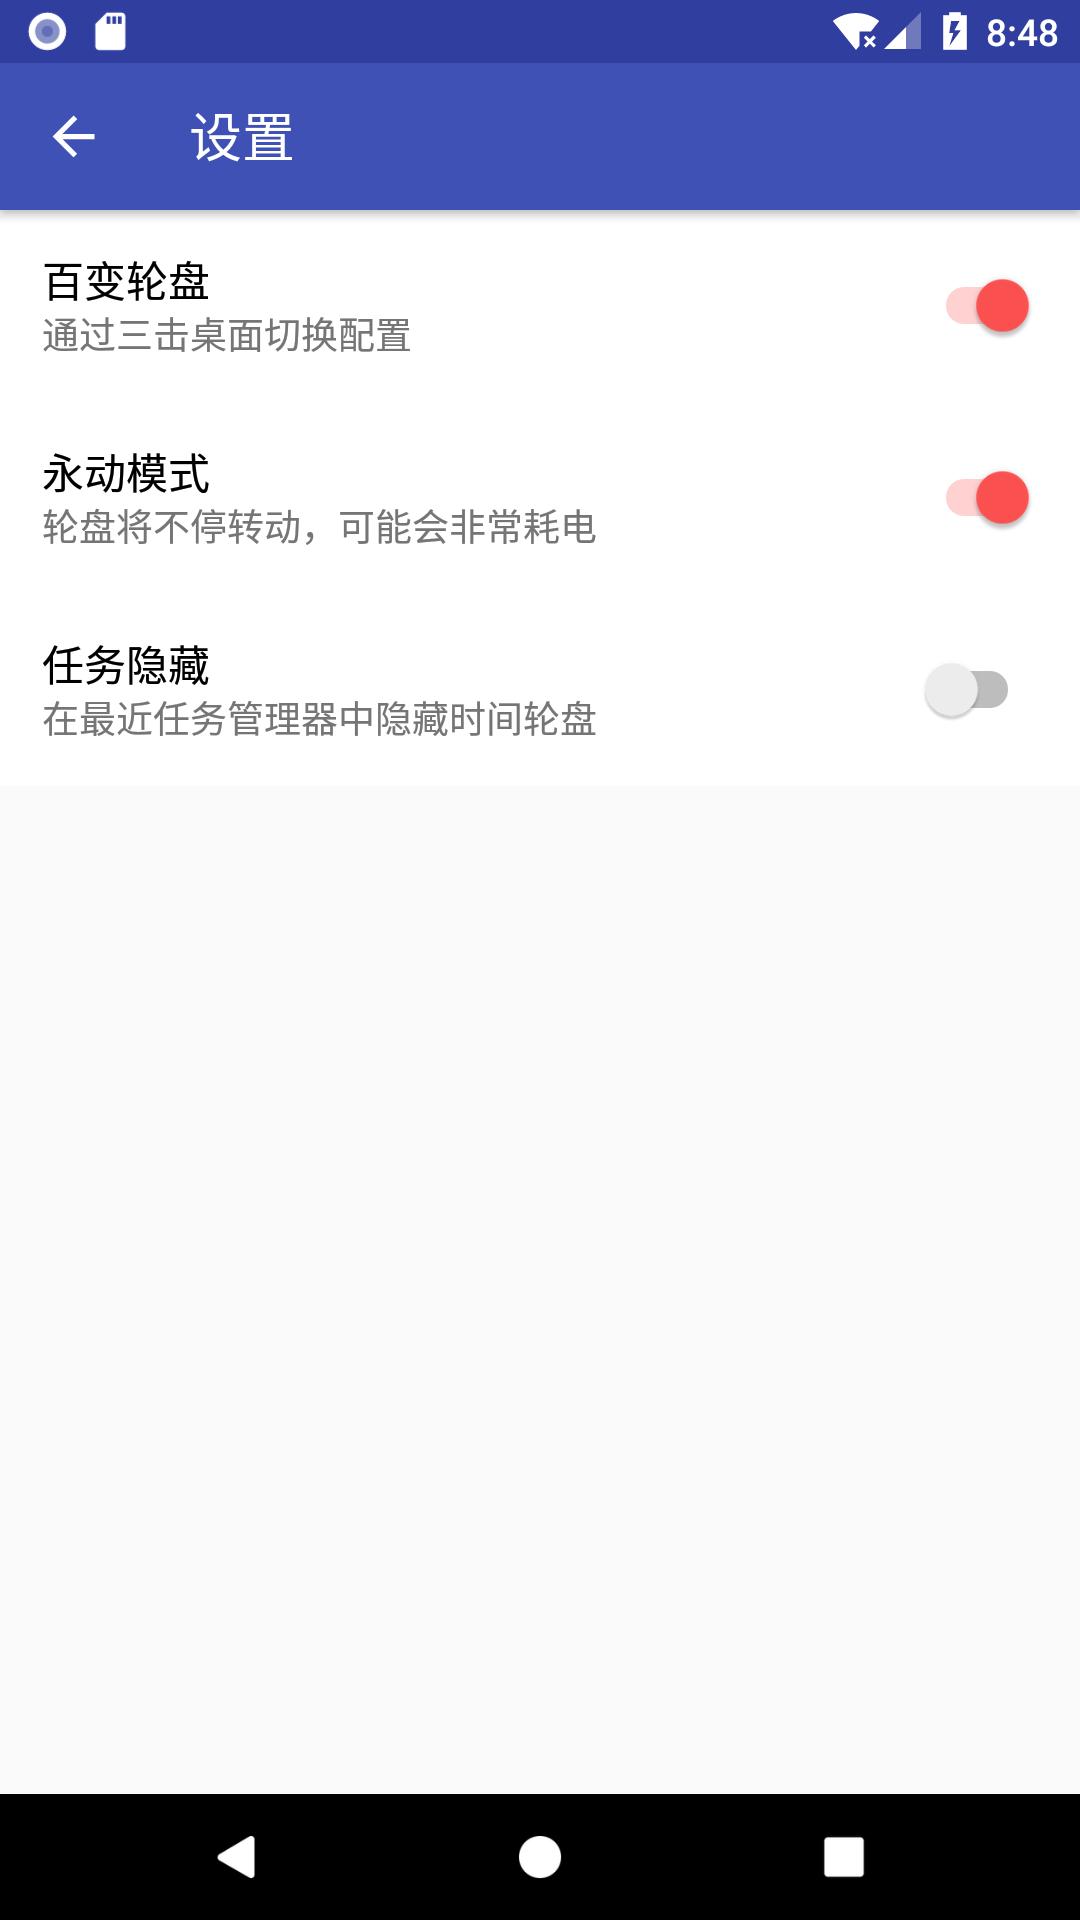 轮盘时钟官方客户端 v2.36截图